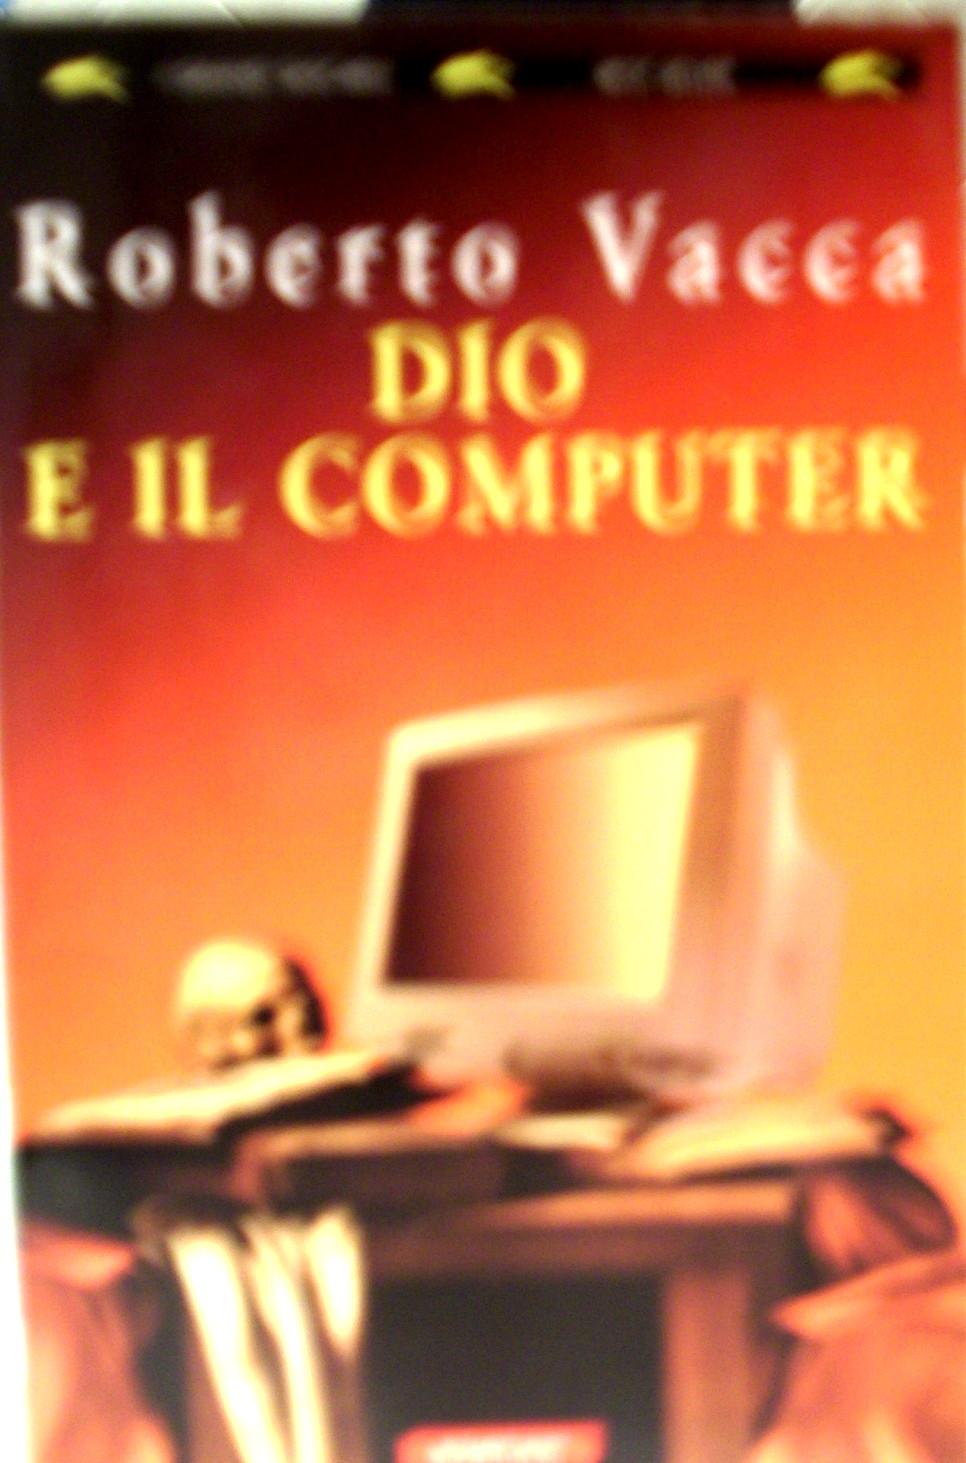 Dio e il computer